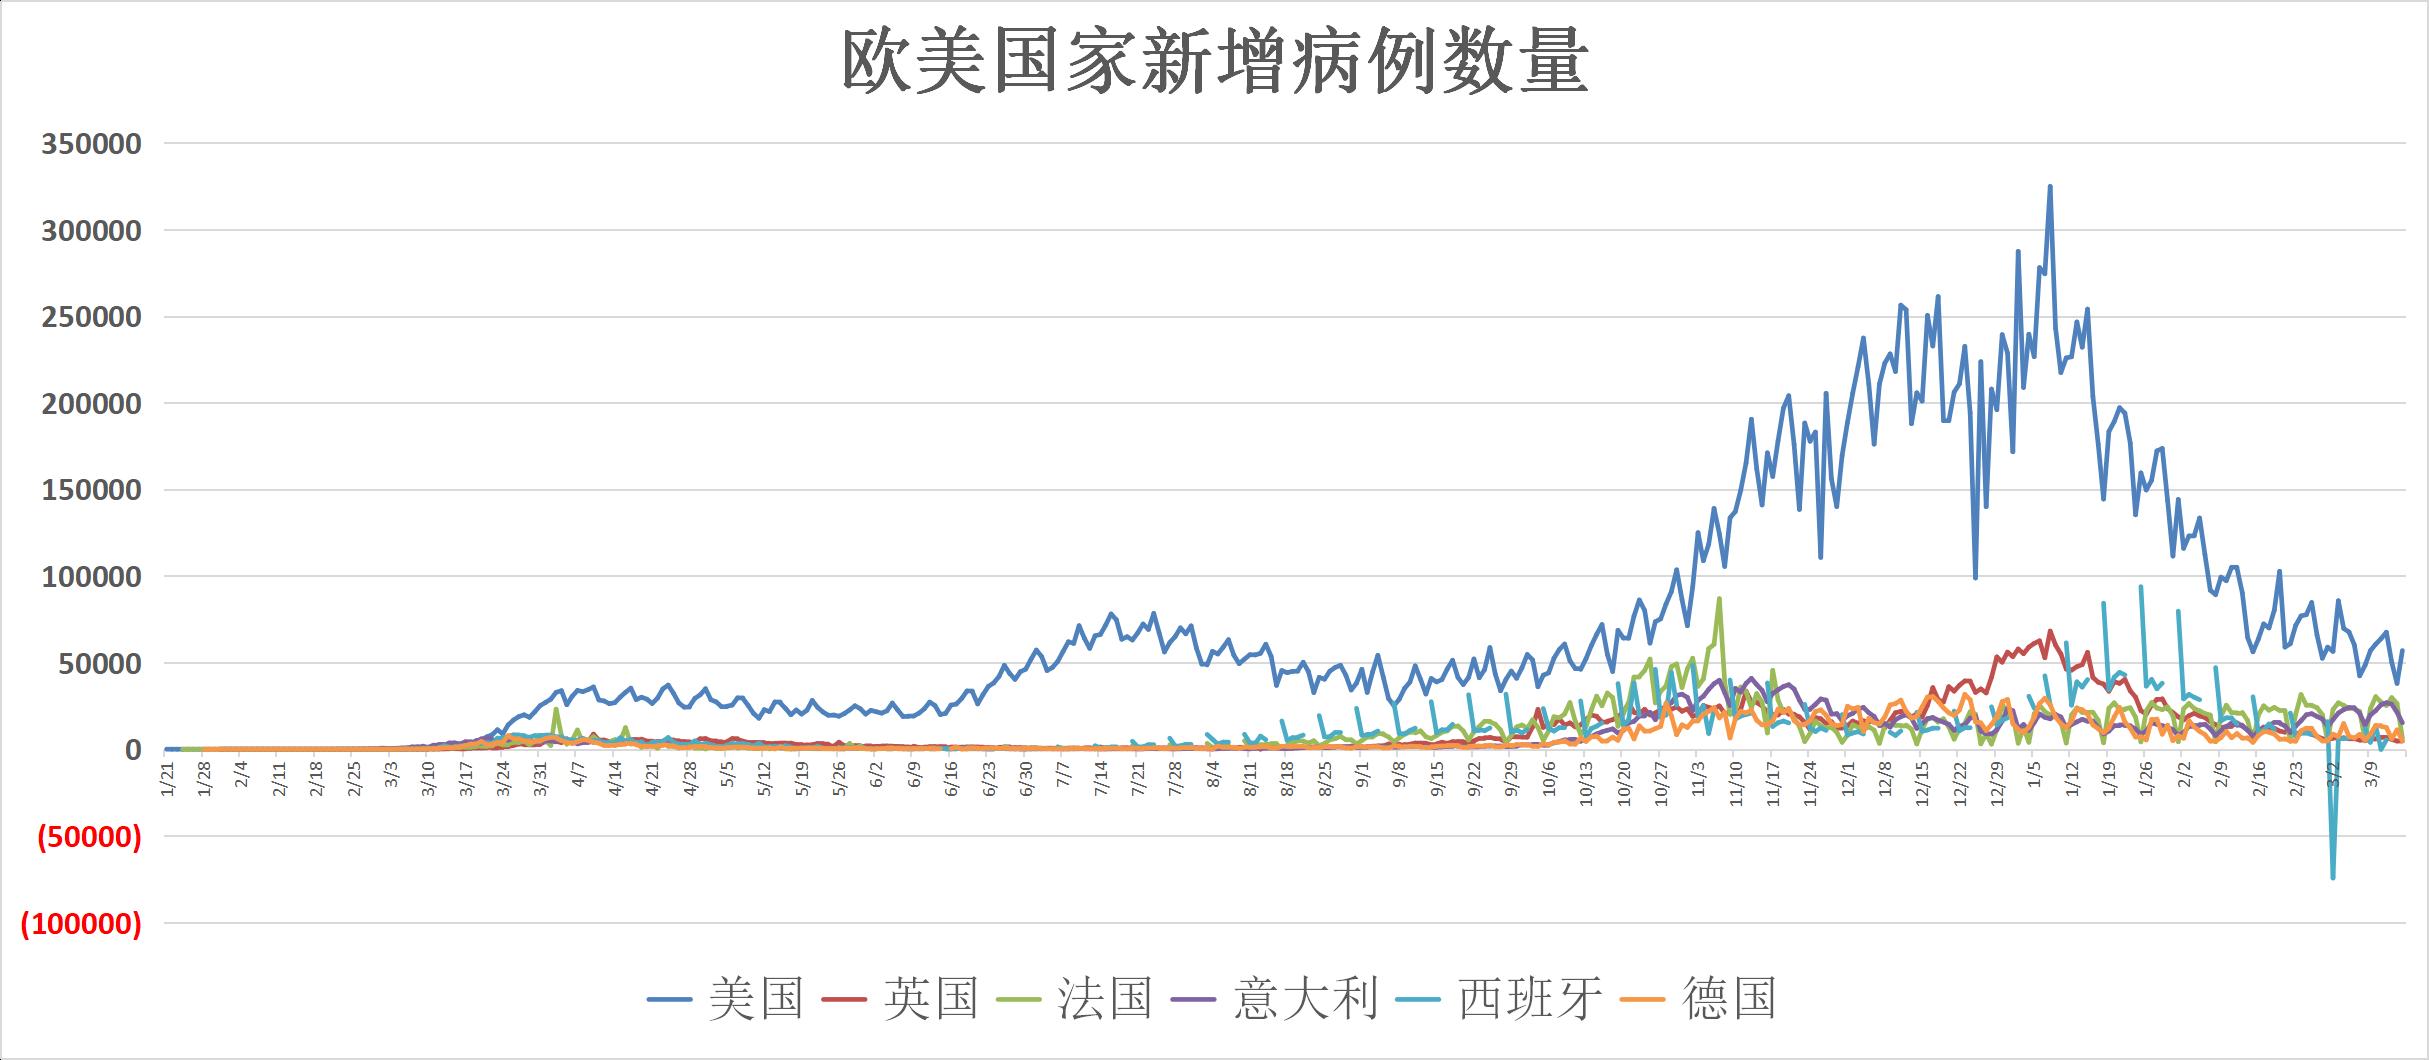 全球疫情动态【3月16日】:国内首款鼻喷式新冠疫苗即将进入临床试验 泰国将增购中国疫苗